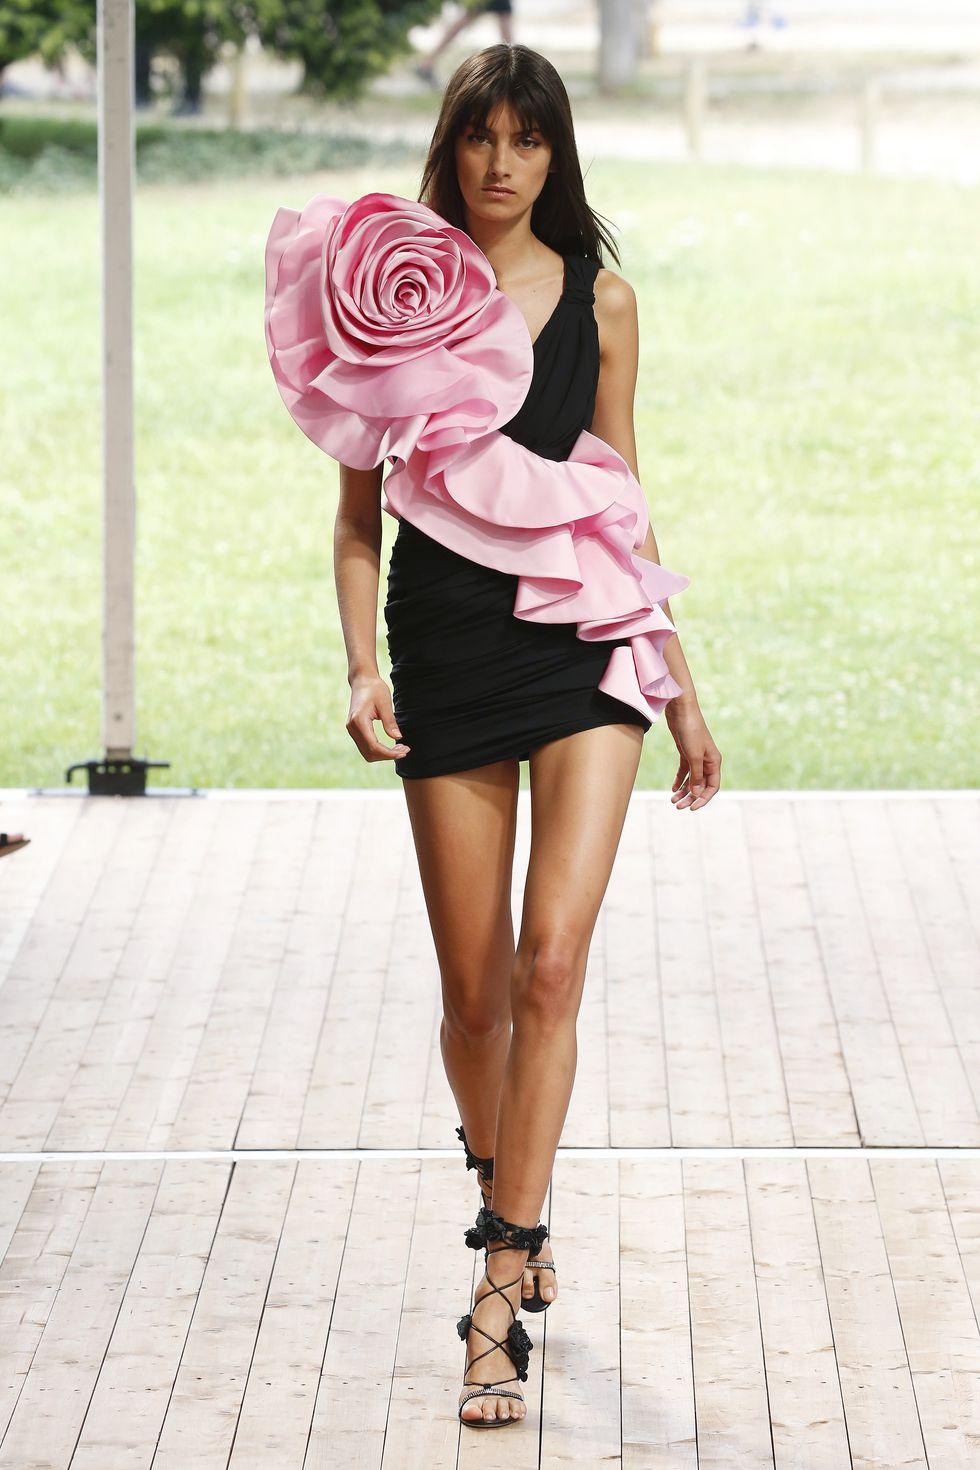 Gaun hitam dengan balutan bunga mawar berwana pink menjadi salah satu desain yang dibawakan oleh Redemption.